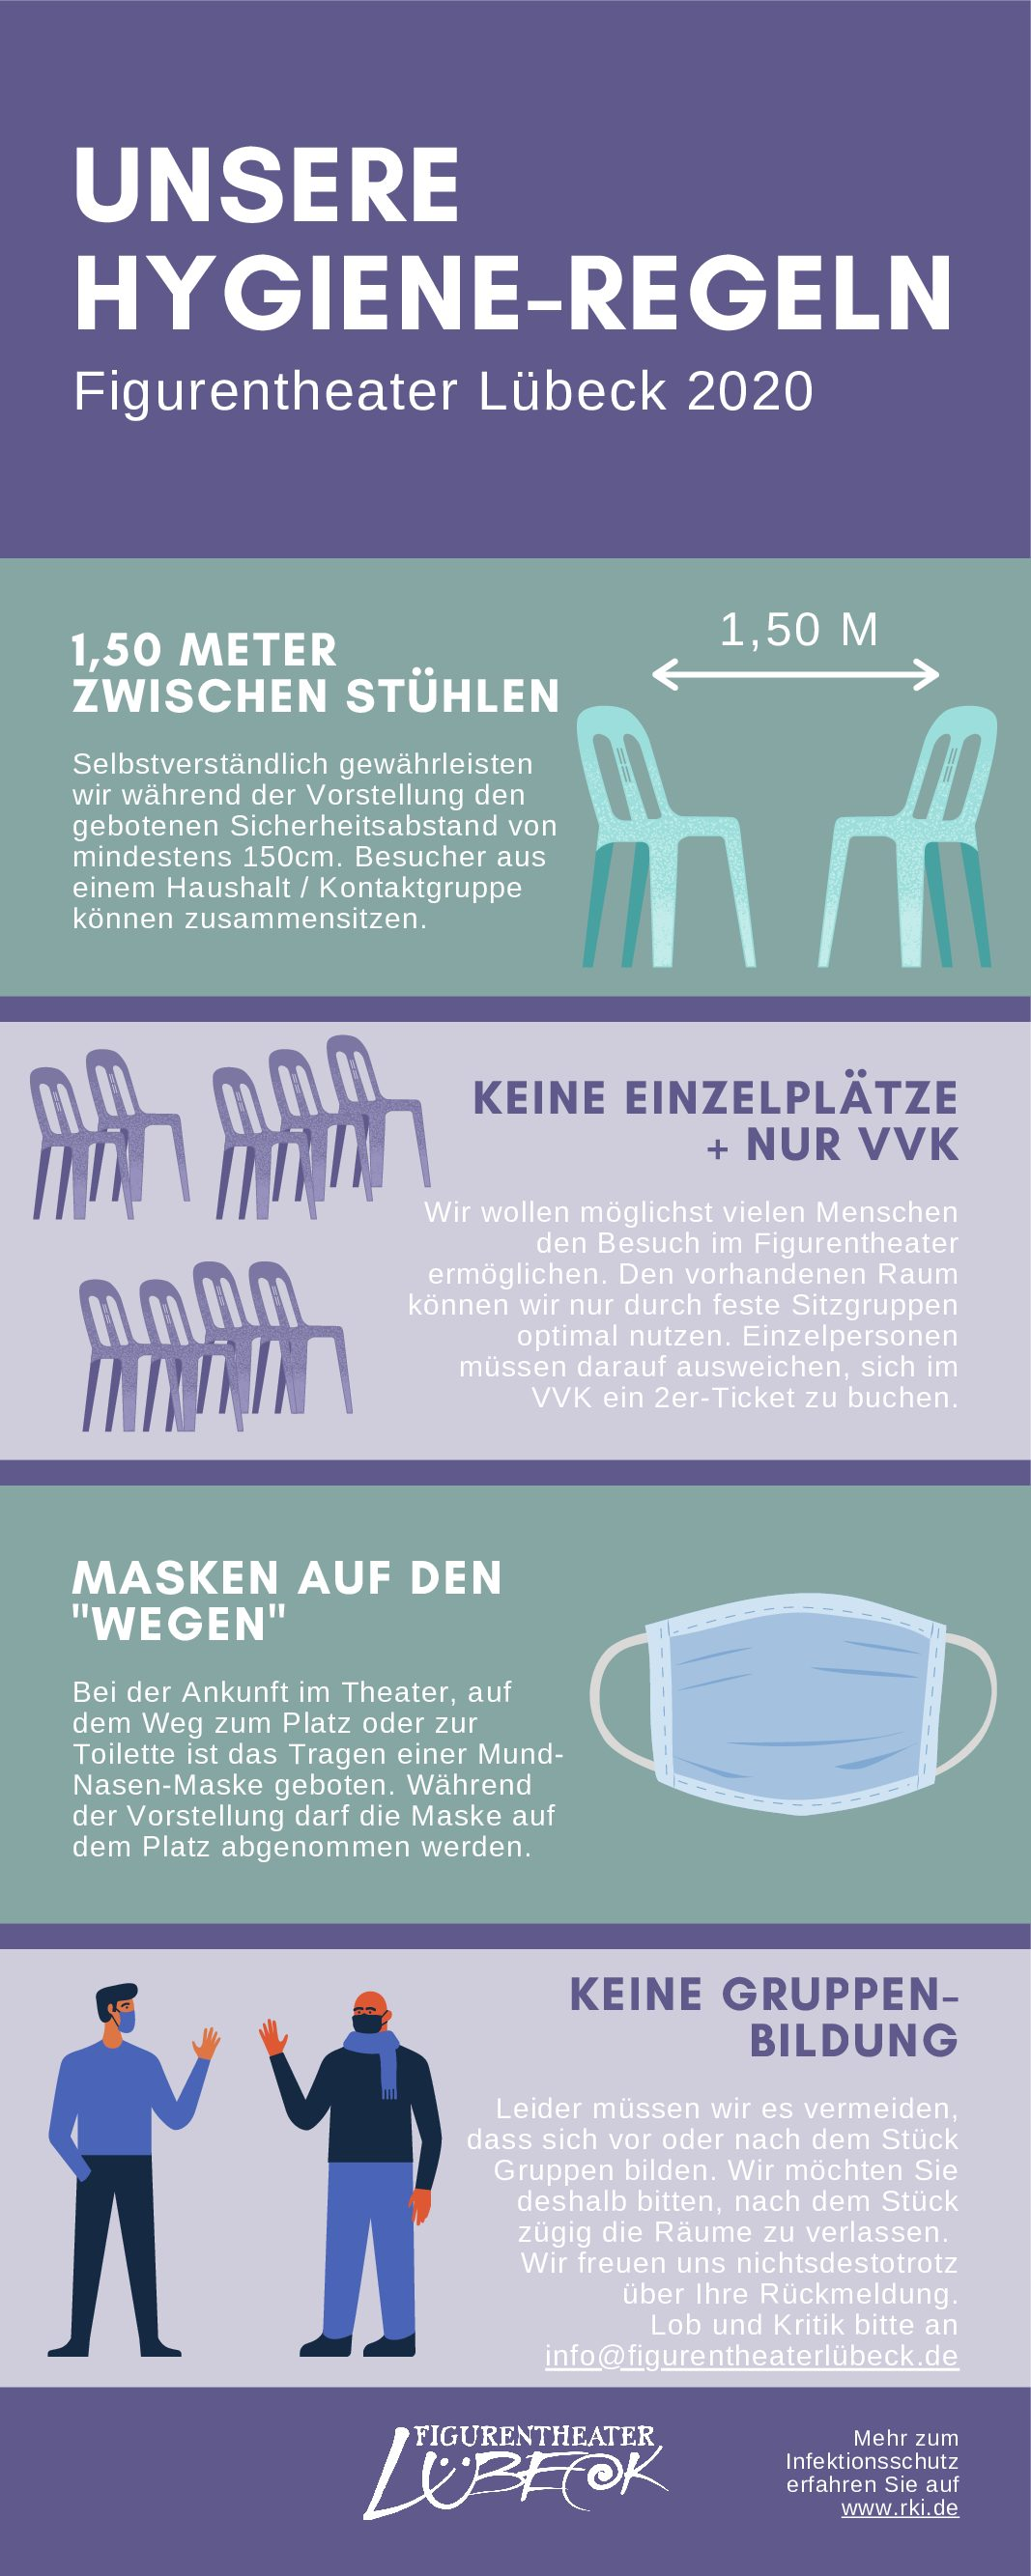 Das Hygienekonzept im Figurentheater Lübeck